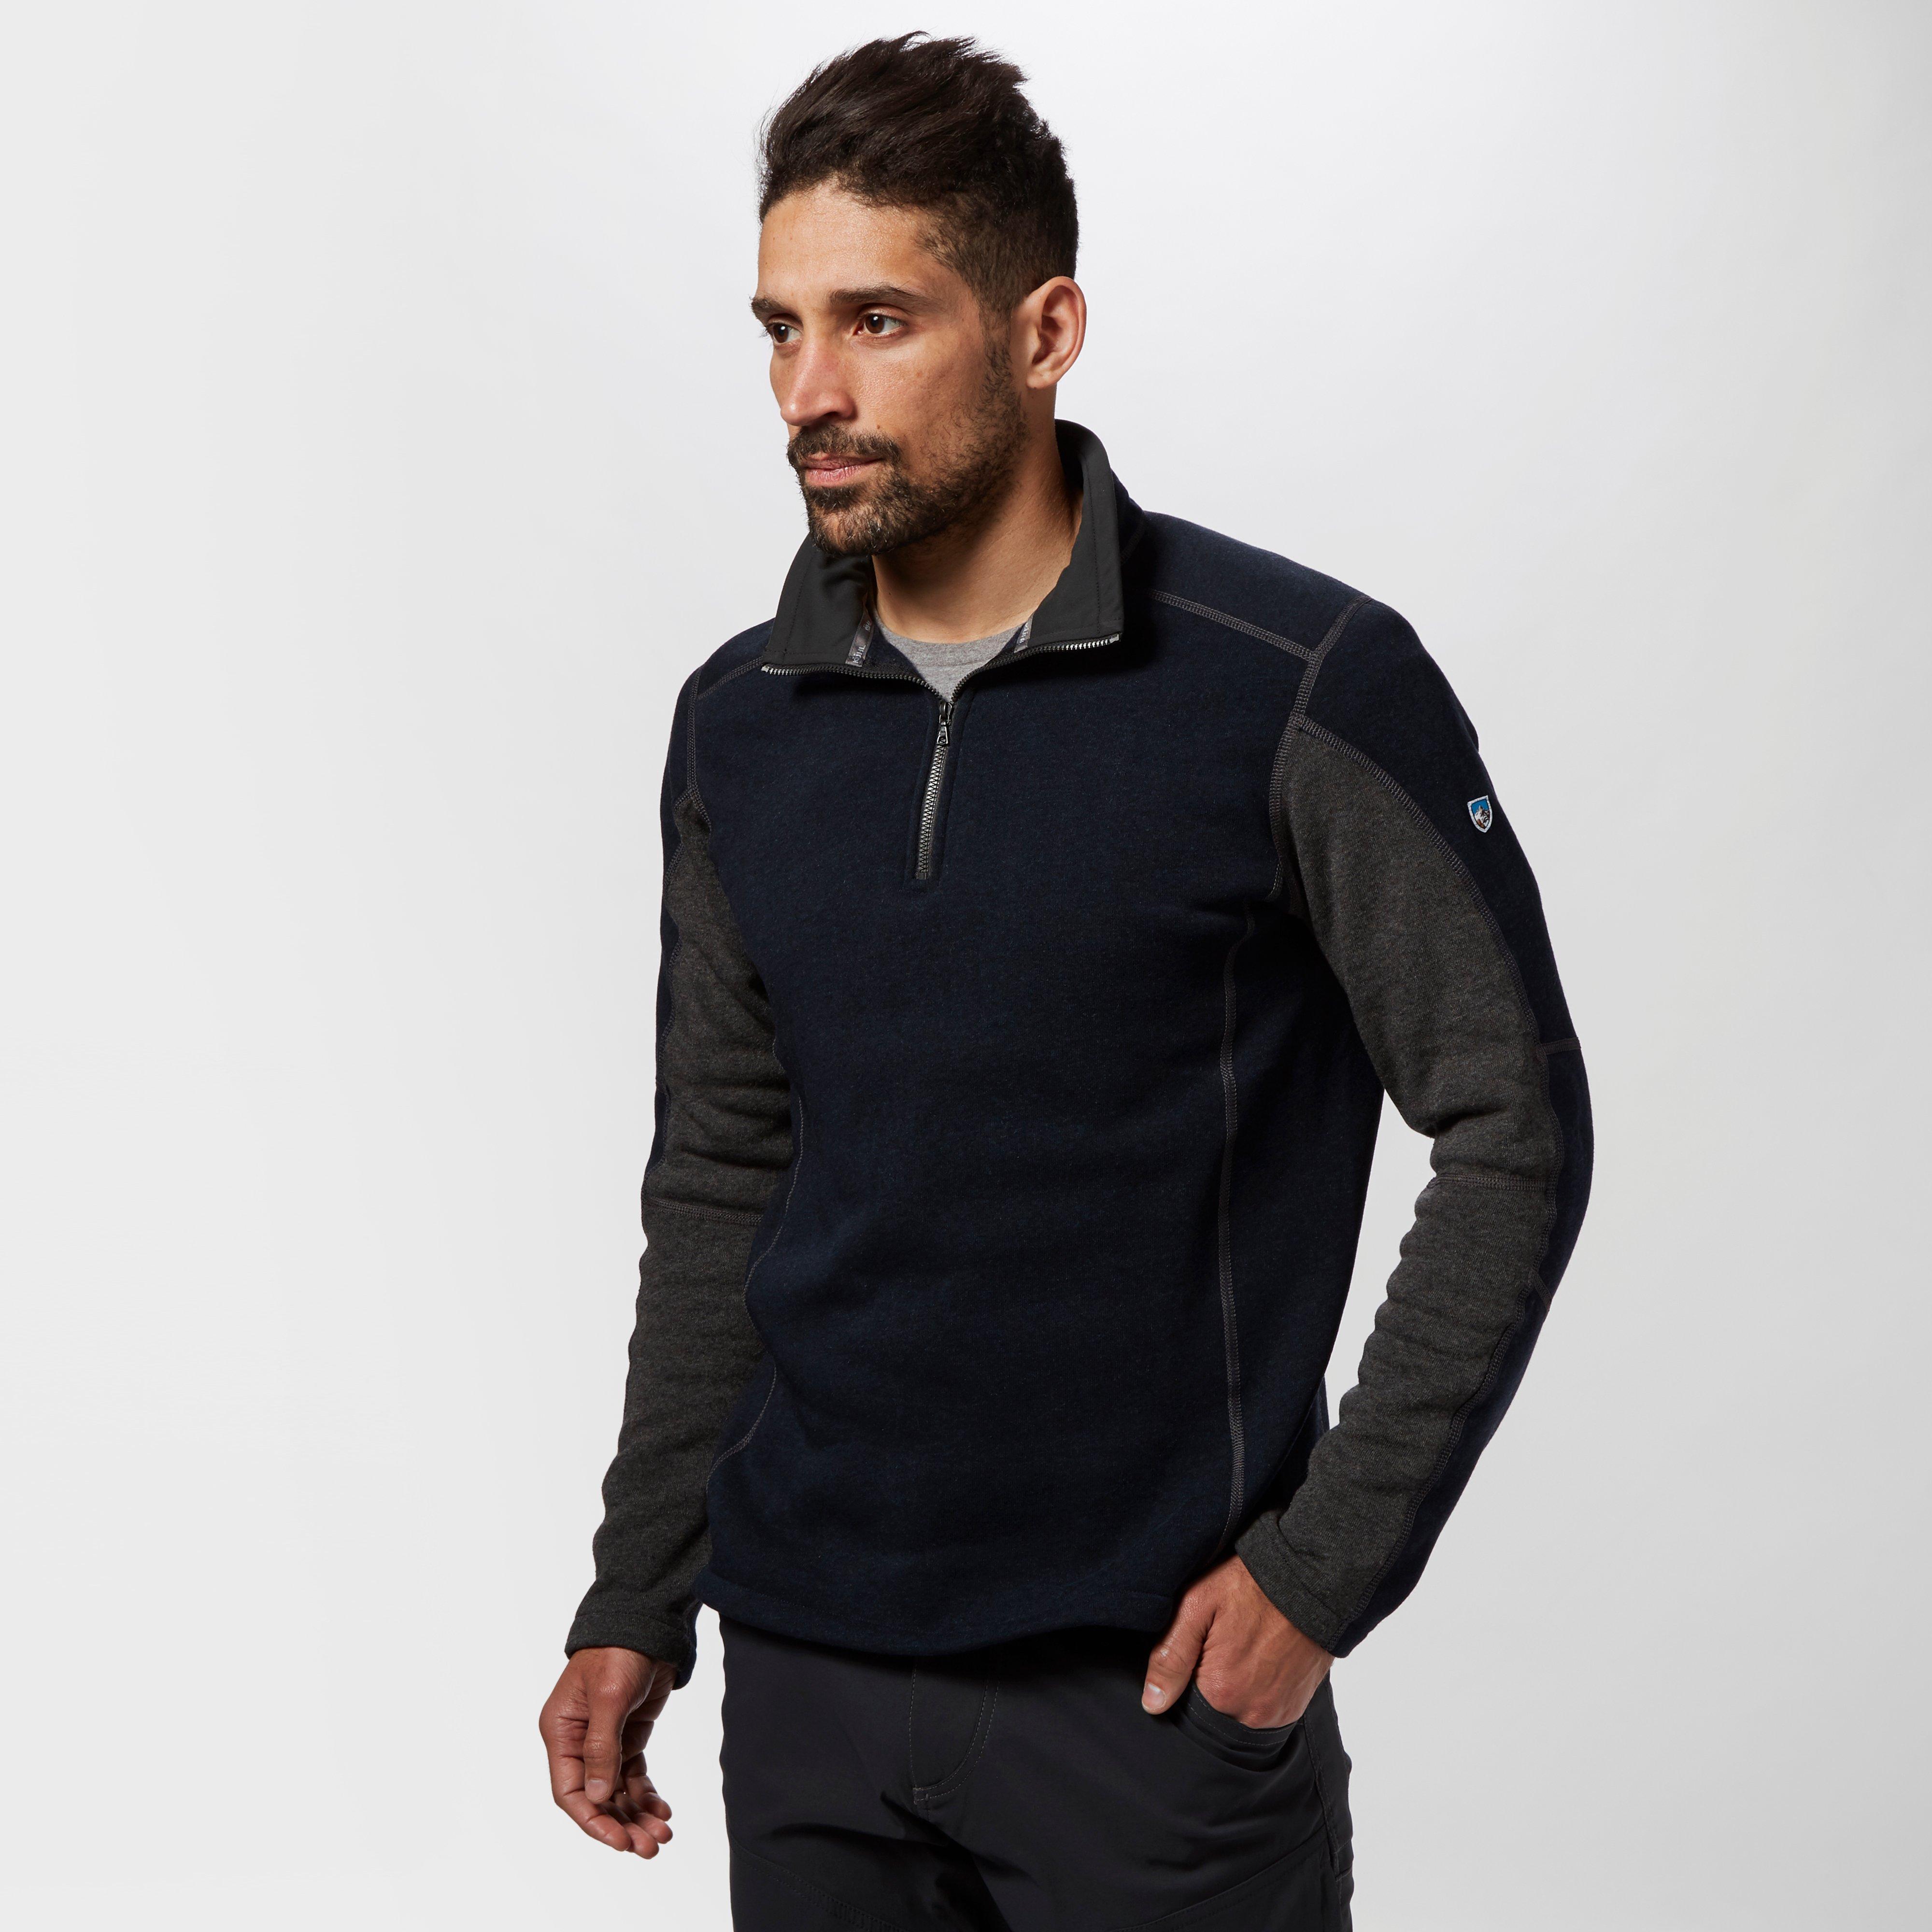 Kuhl Kuhl Mens Revel Quarter Zip Fleece - Blue, Blue